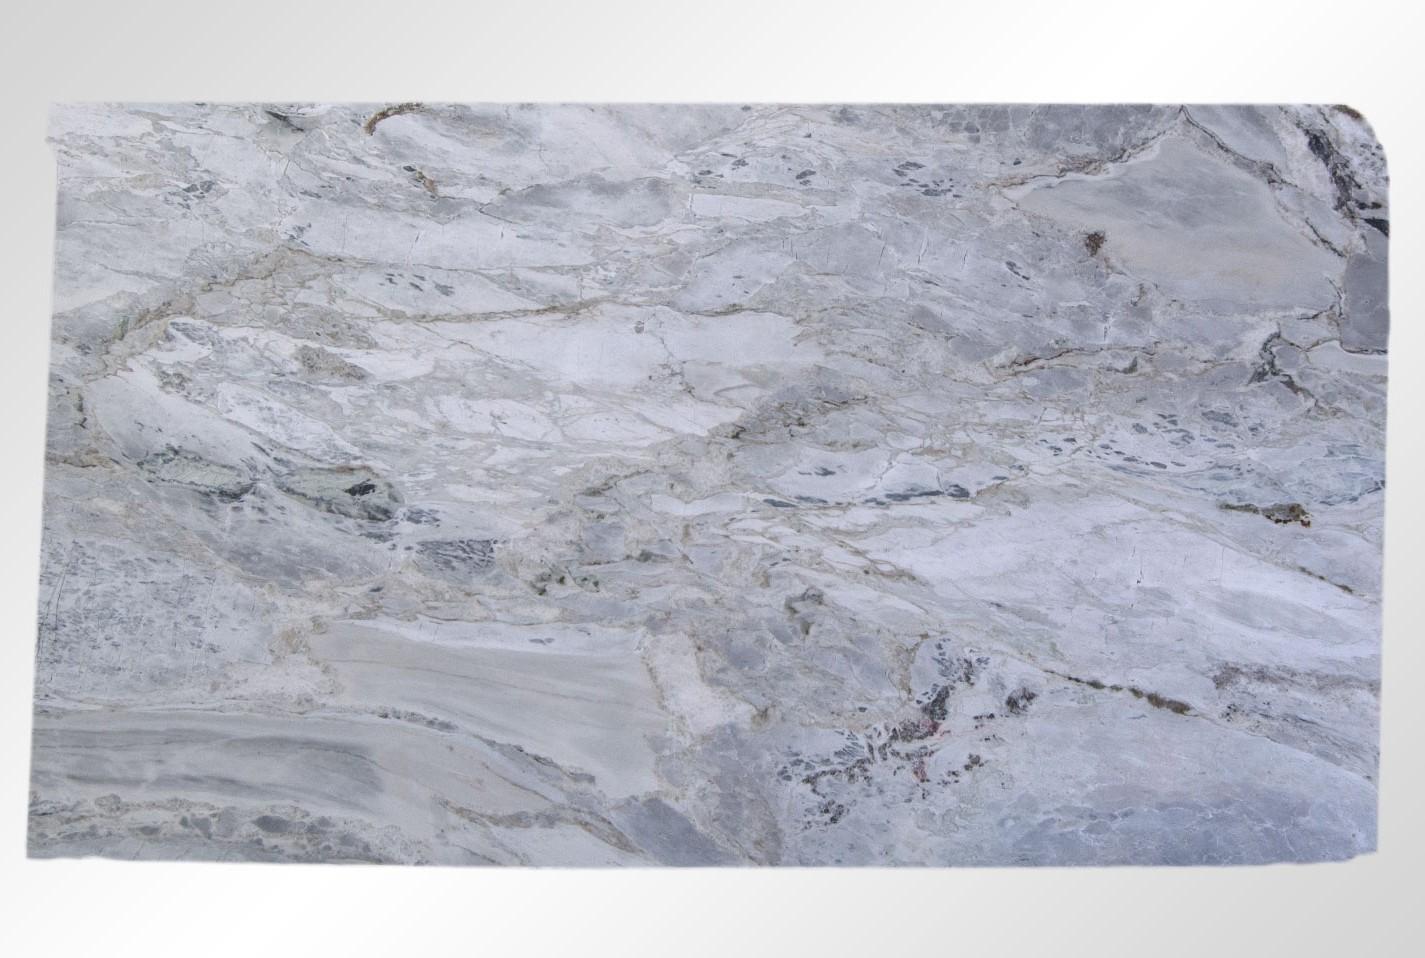 BRECCIA LINCOLN Fornitura California (Stati Uniti) di lastre grezze levigate in marmo naturale M2020084 , Slab #01